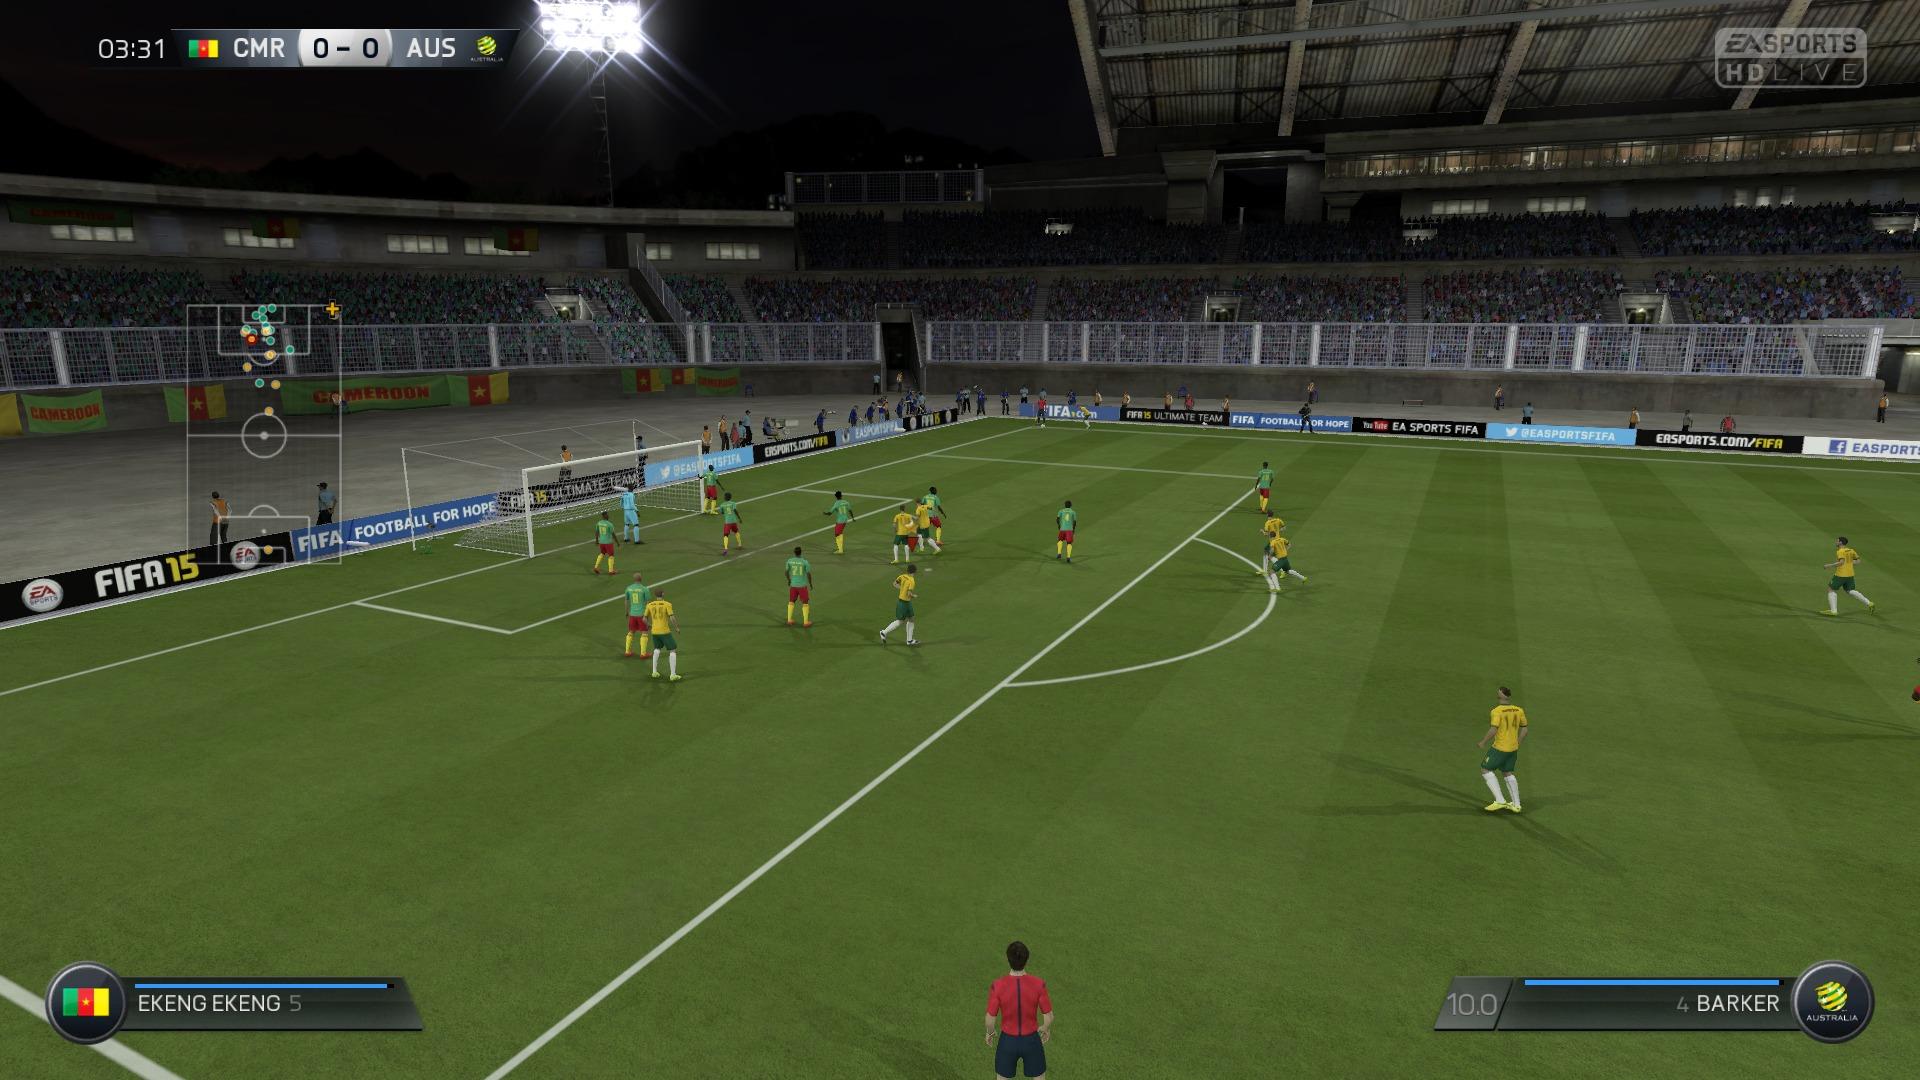 FIFA 15 Career 0-0 CMR V AUS, 1st Half